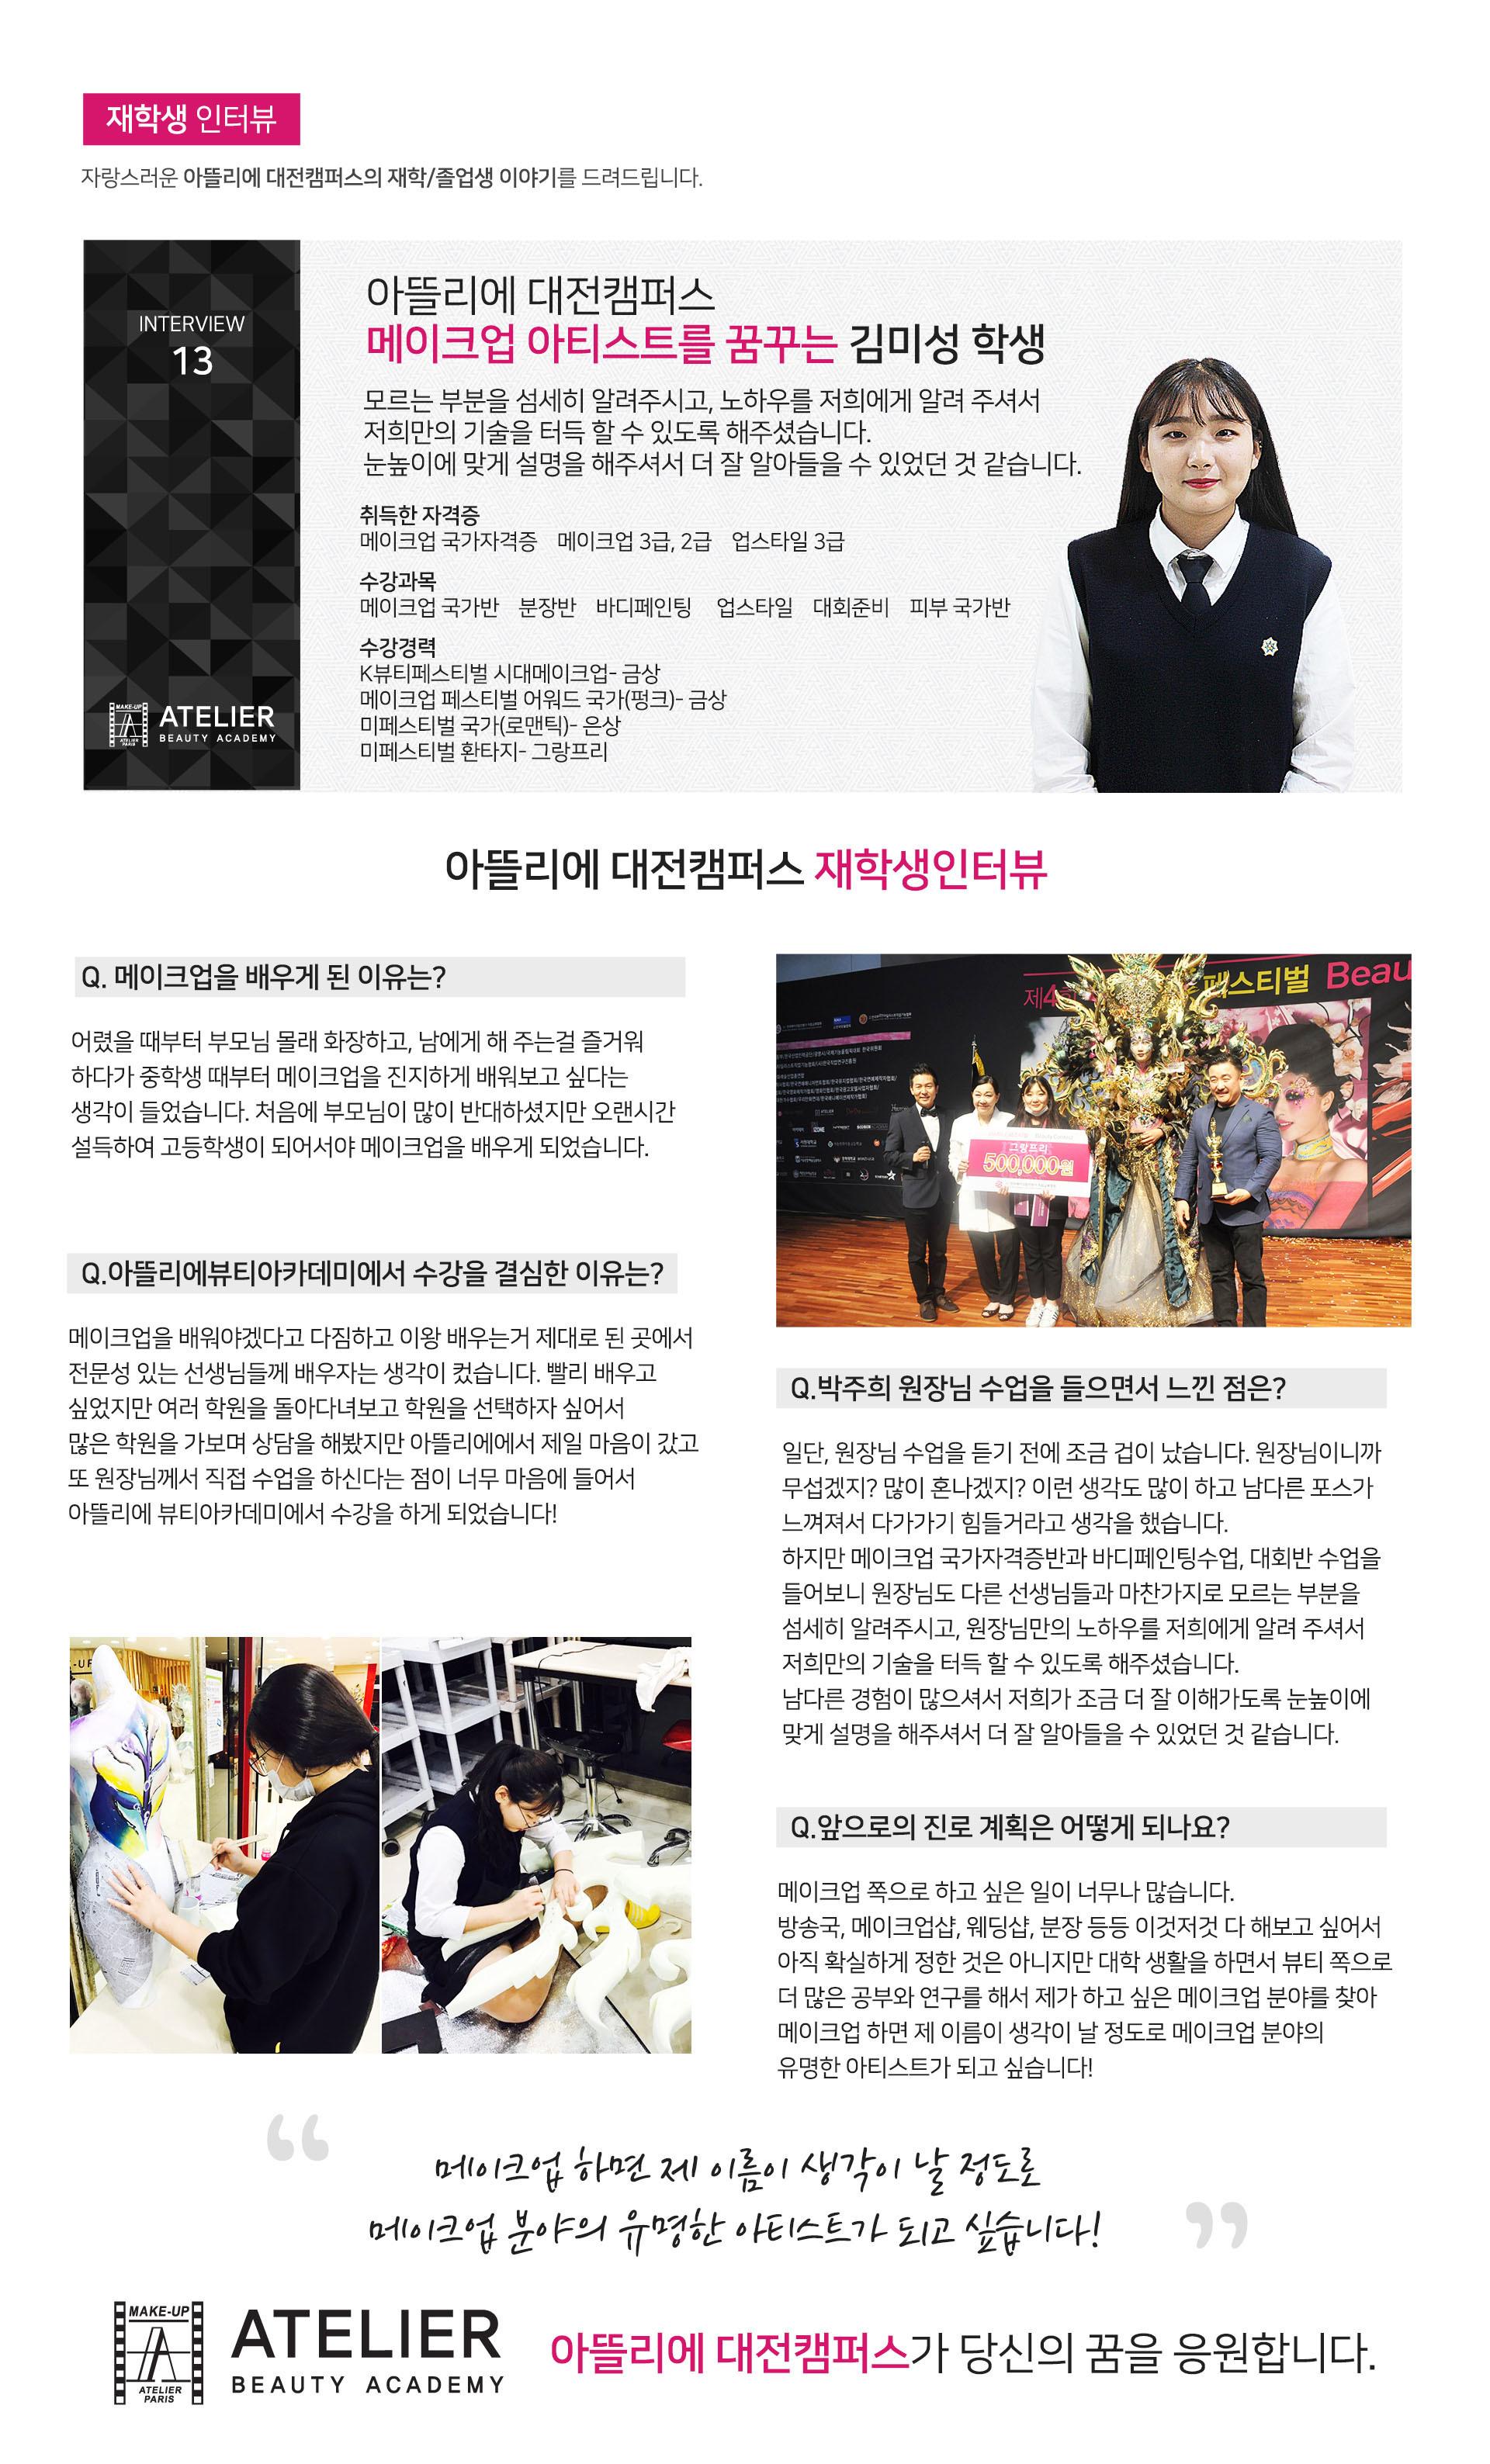 김미성 학생<br/> 후기